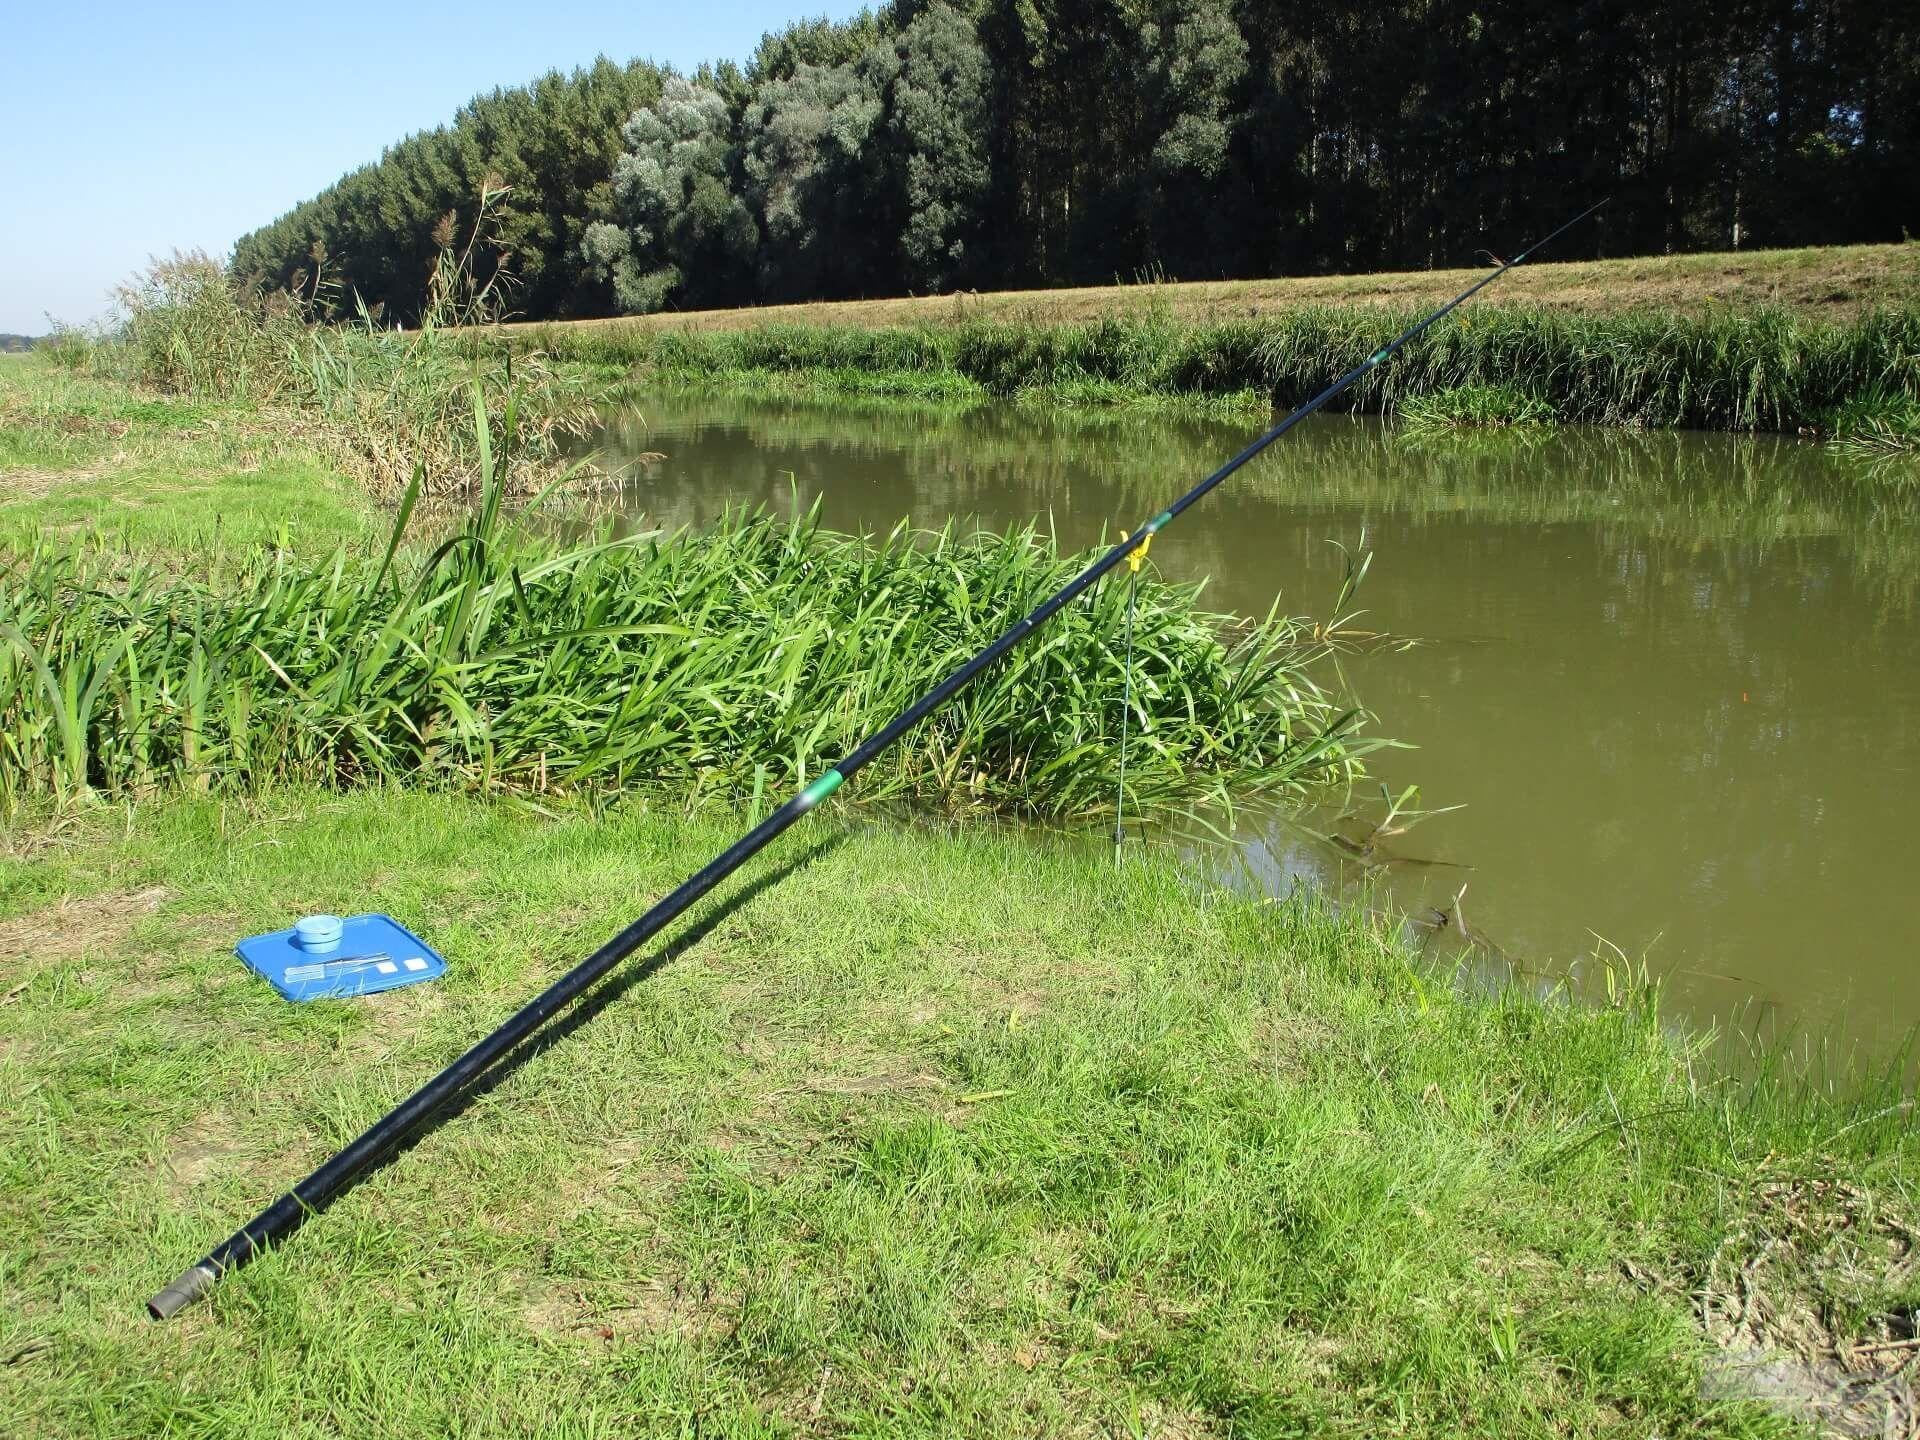 Igaz, hogy a feederbotos horgászat megszállottja vagyok, de szívesen viszek magammal spiccbotot, ha megfelelő a vízállás